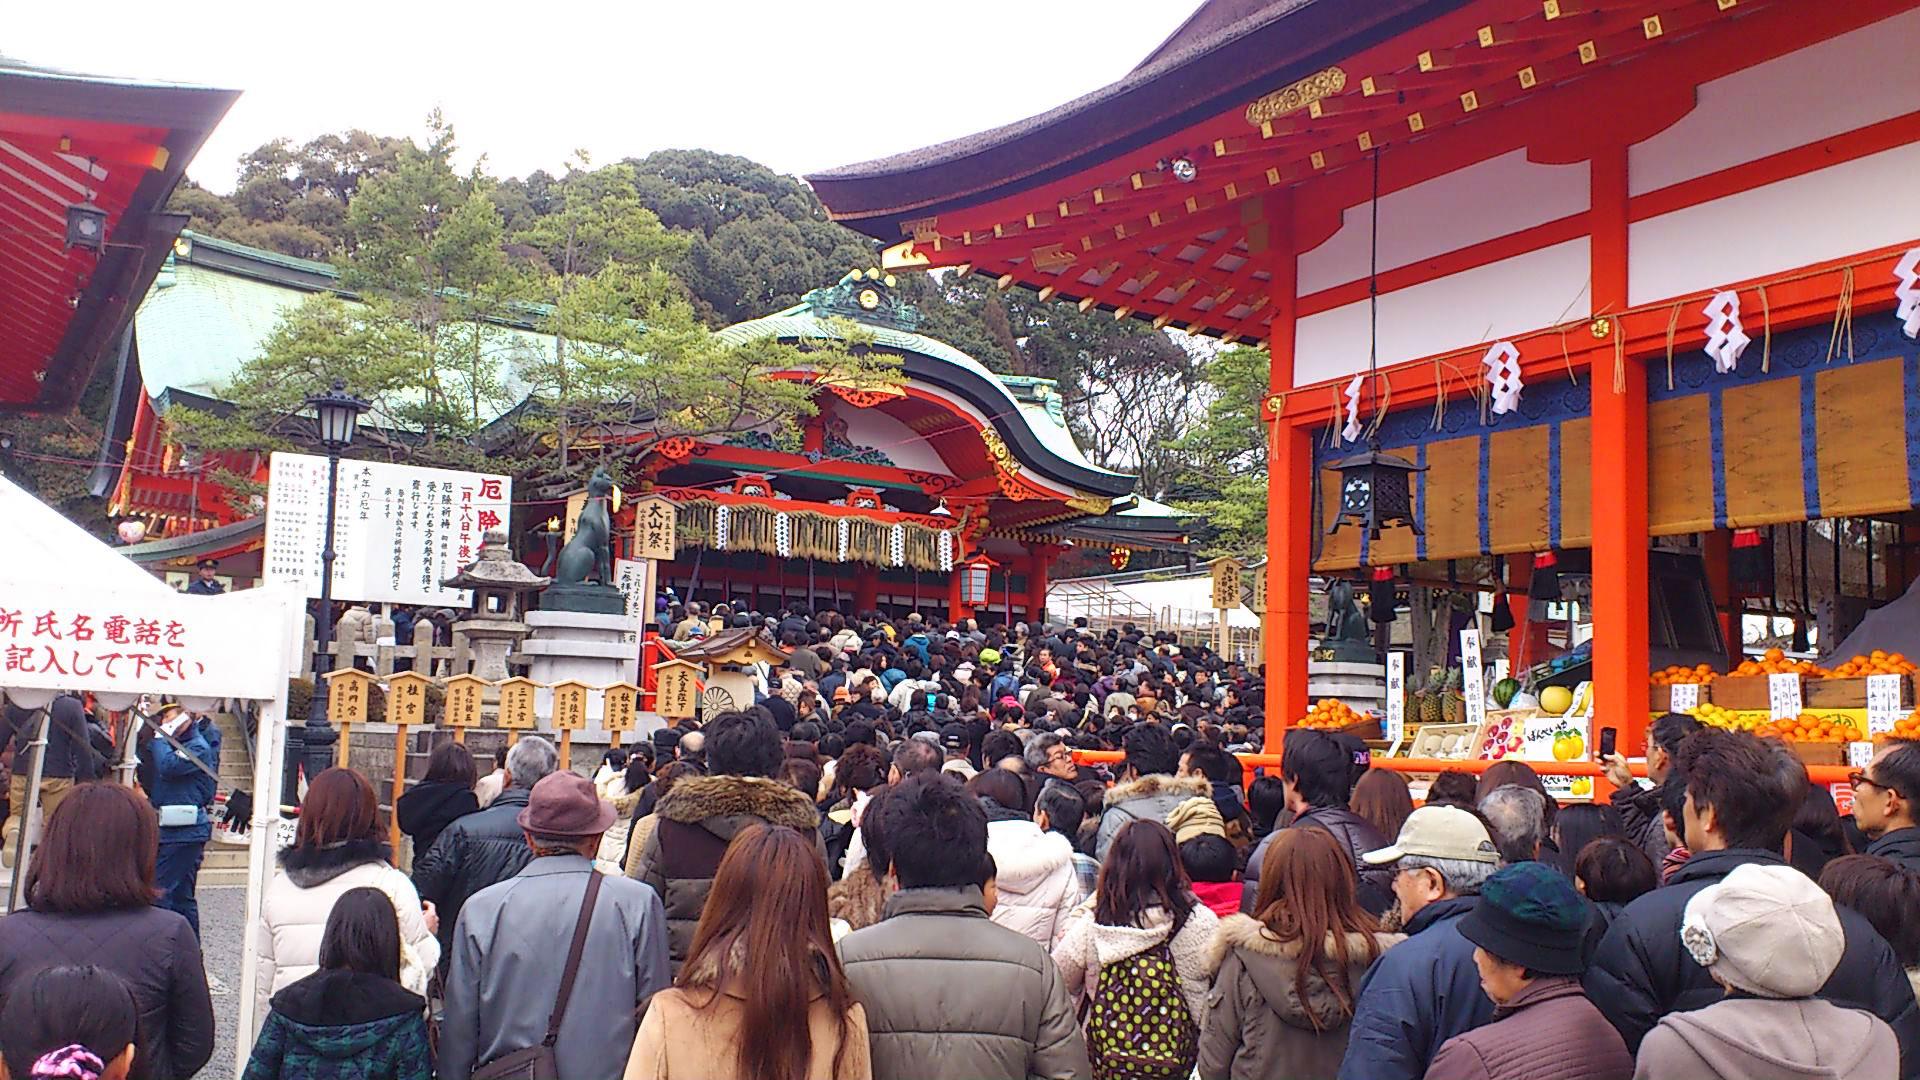 Poseta hramu Sensođi u Asakusi za vreme novogodišnjih praznika